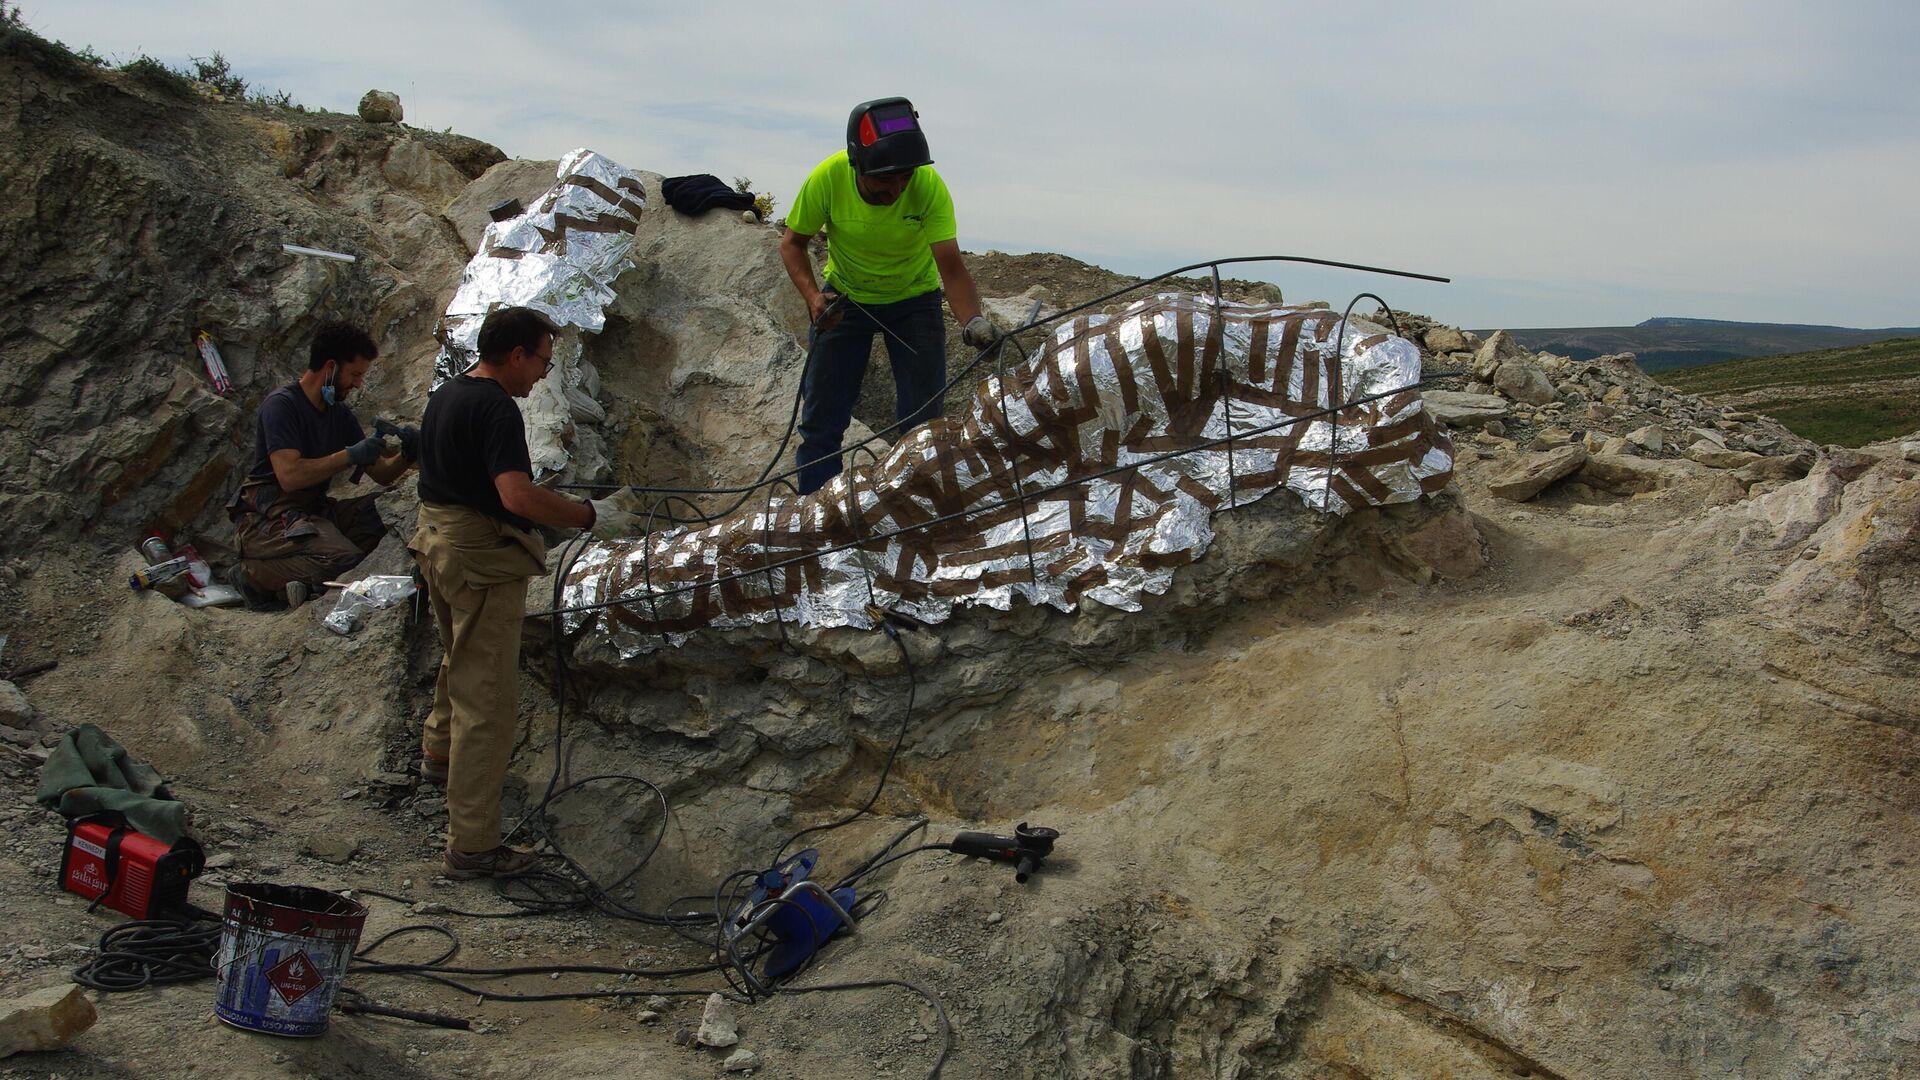 Paleontólogos junto al herrero Alberto Ros montando la estructura de hierro para el transporte de los fósiles - Sputnik Mundo, 1920, 11.06.2021